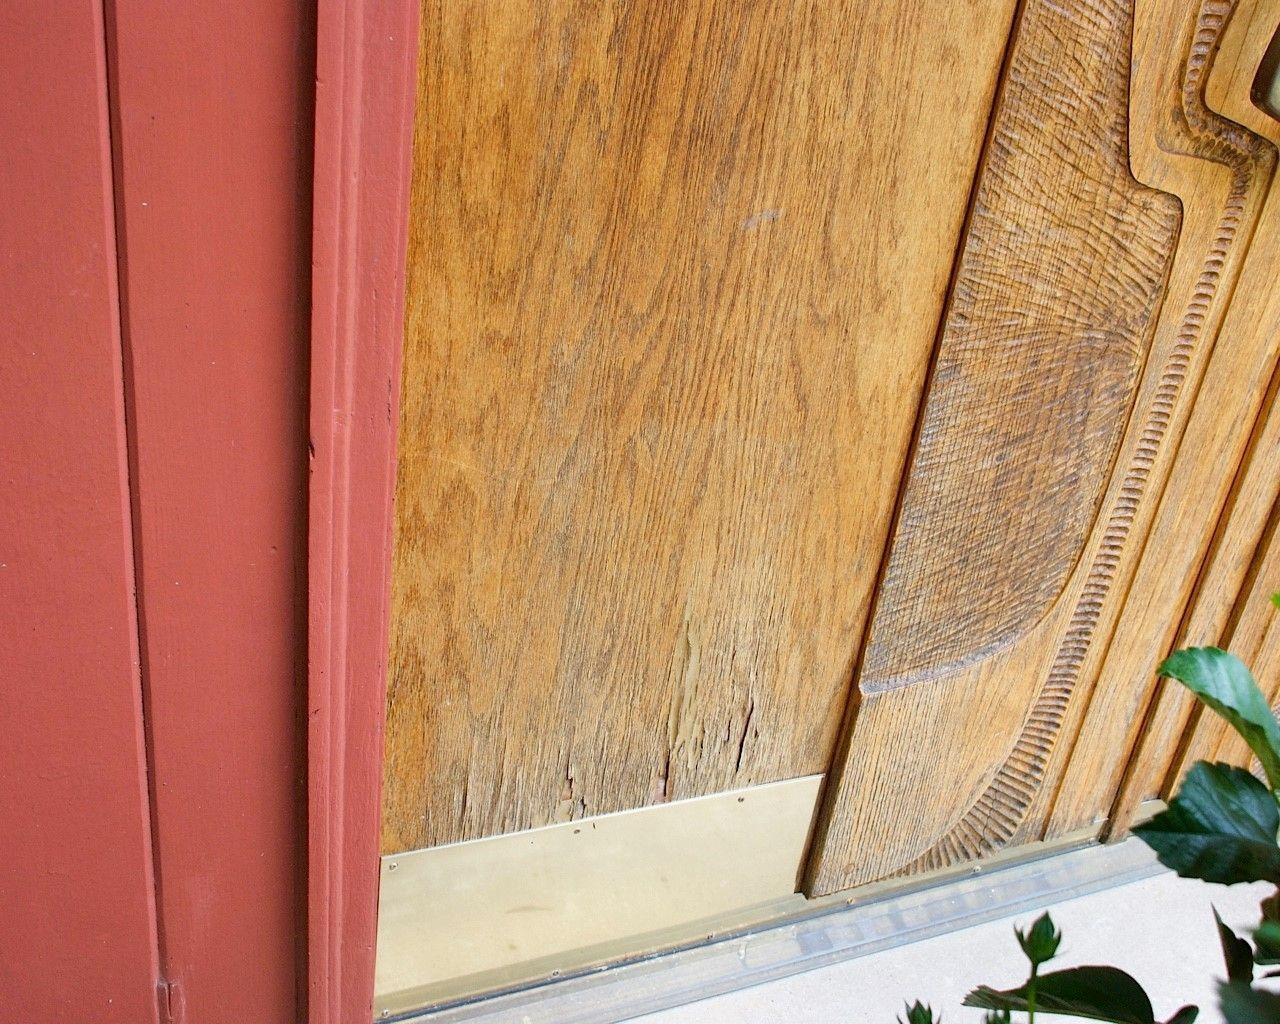 How To Repair Water Damaged Oak Veneer Wood Exterior Door Exterior Doors Oak Exterior Doors